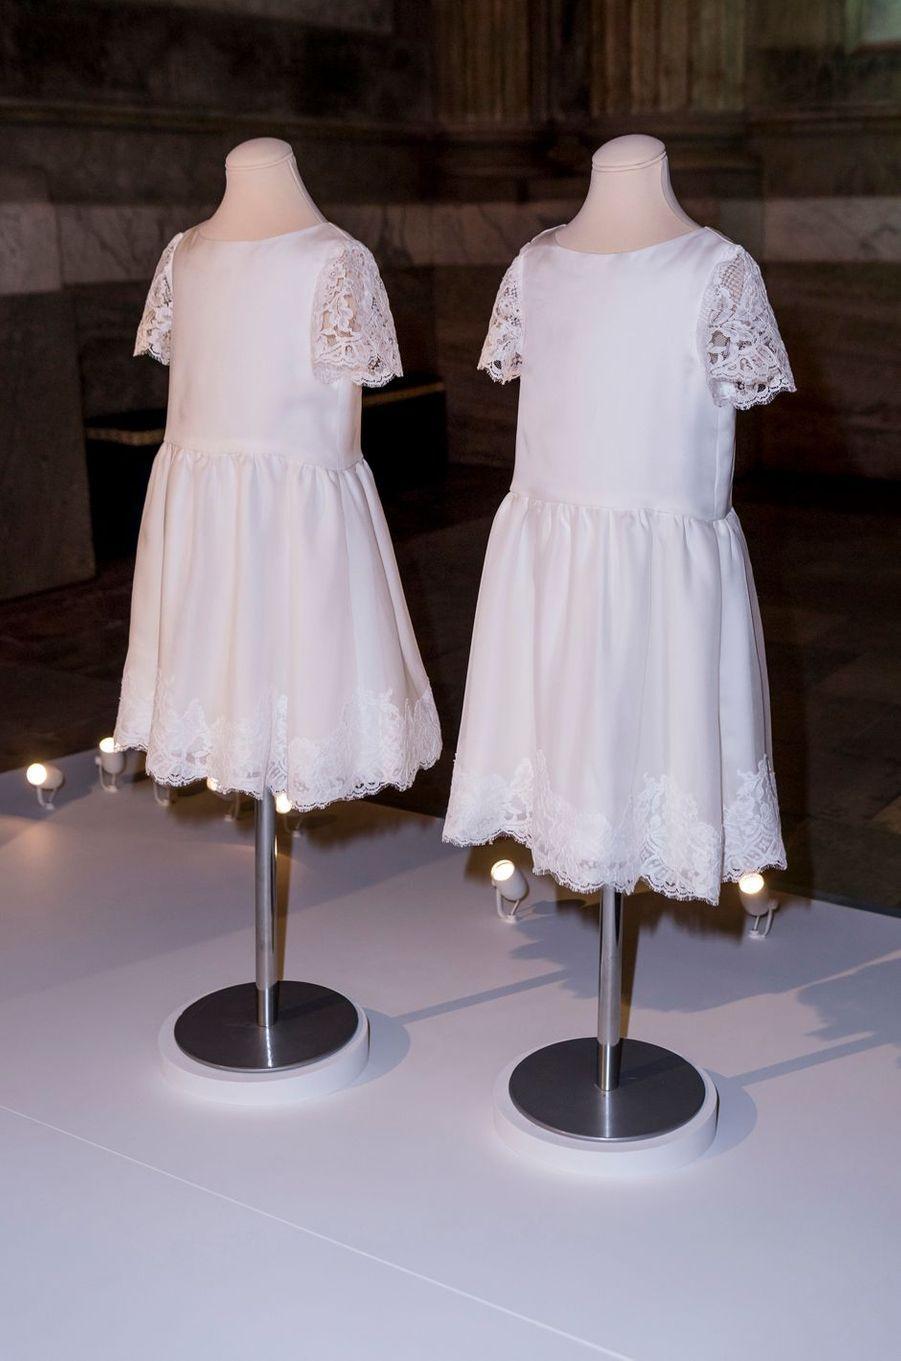 Tenues des demoiselles d'honneur au mariage de lSofia Hellqvist, exposées à Stockholm, le 17 octobre 2016